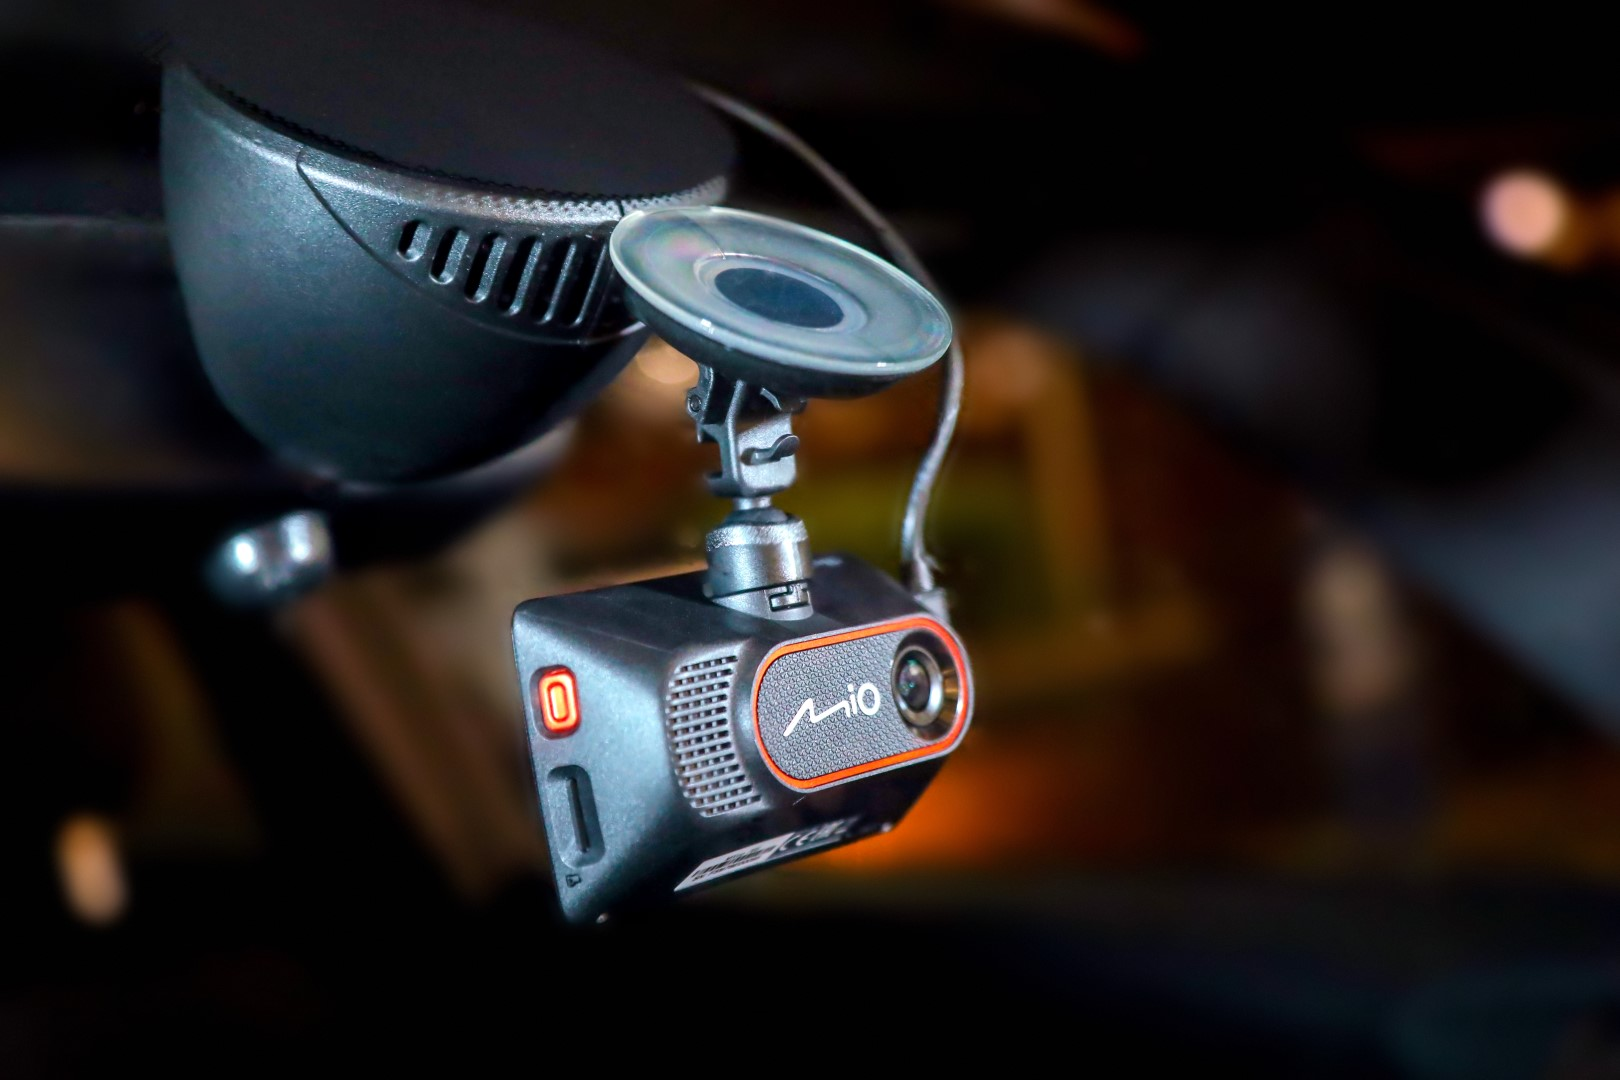 Cameră video auto capabilă să transmită live pe Facebook